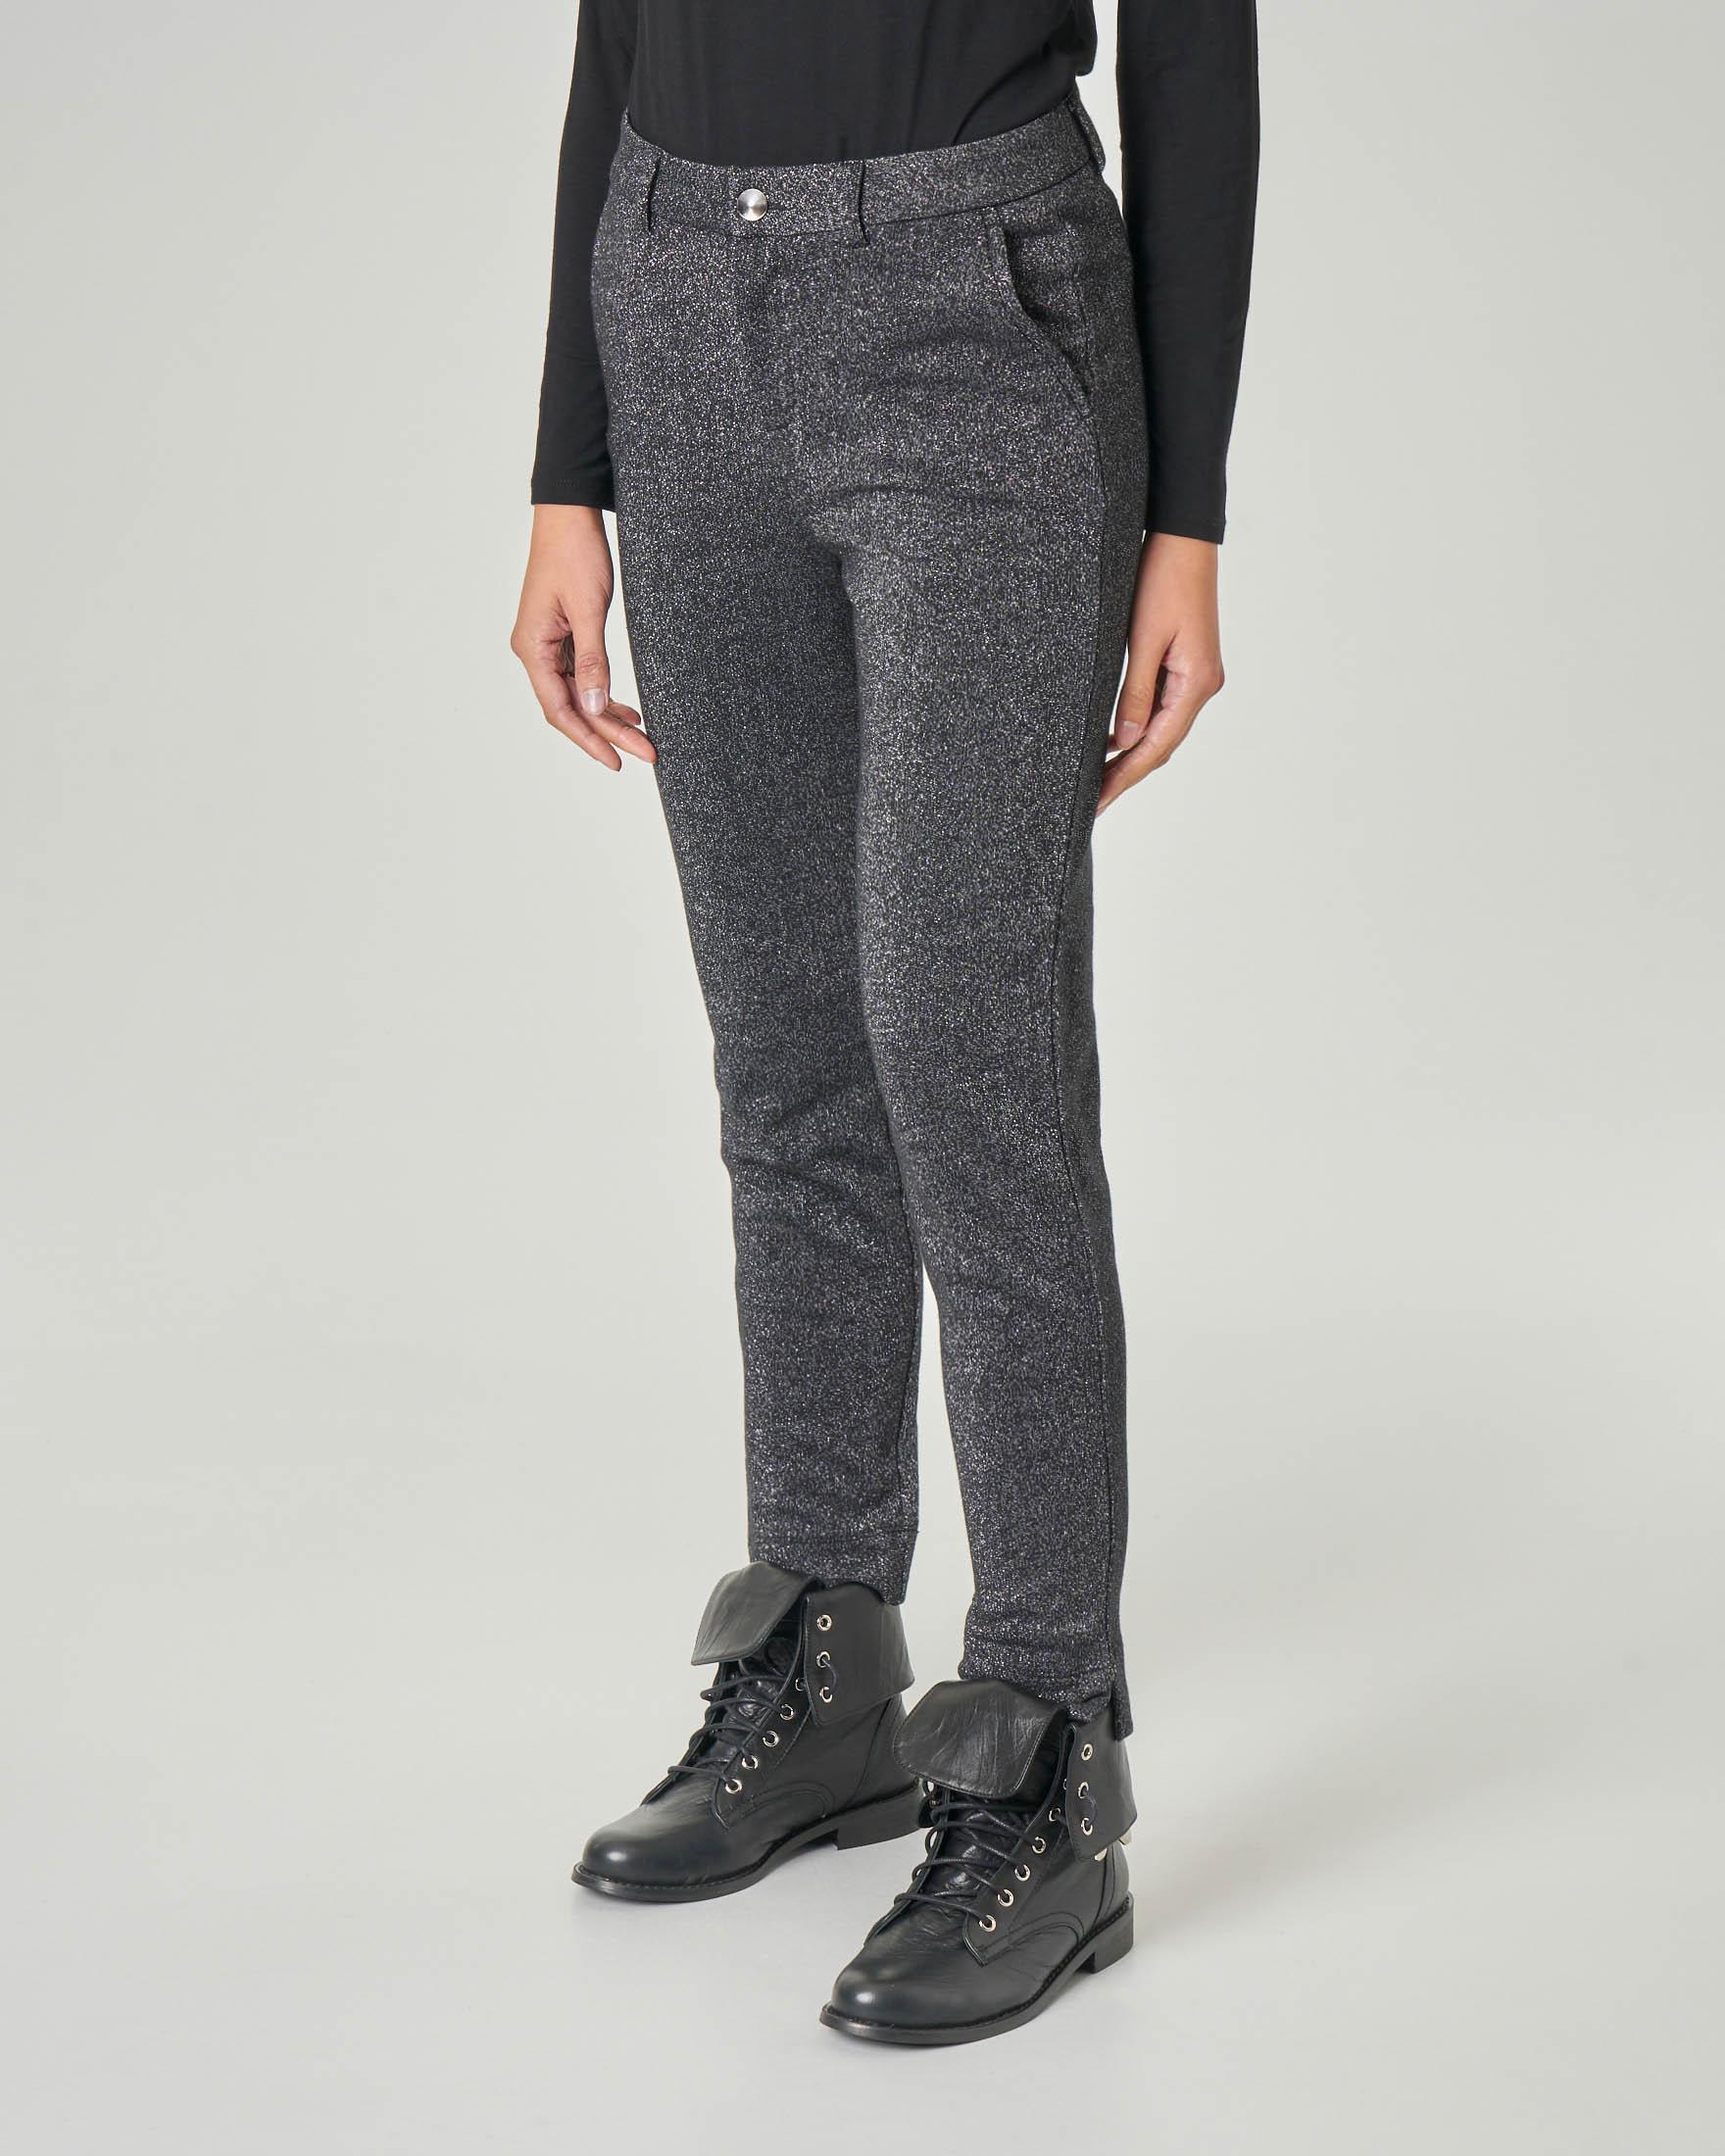 Pantalone nero in lurex argento in misto cotone con spacchetti laterali